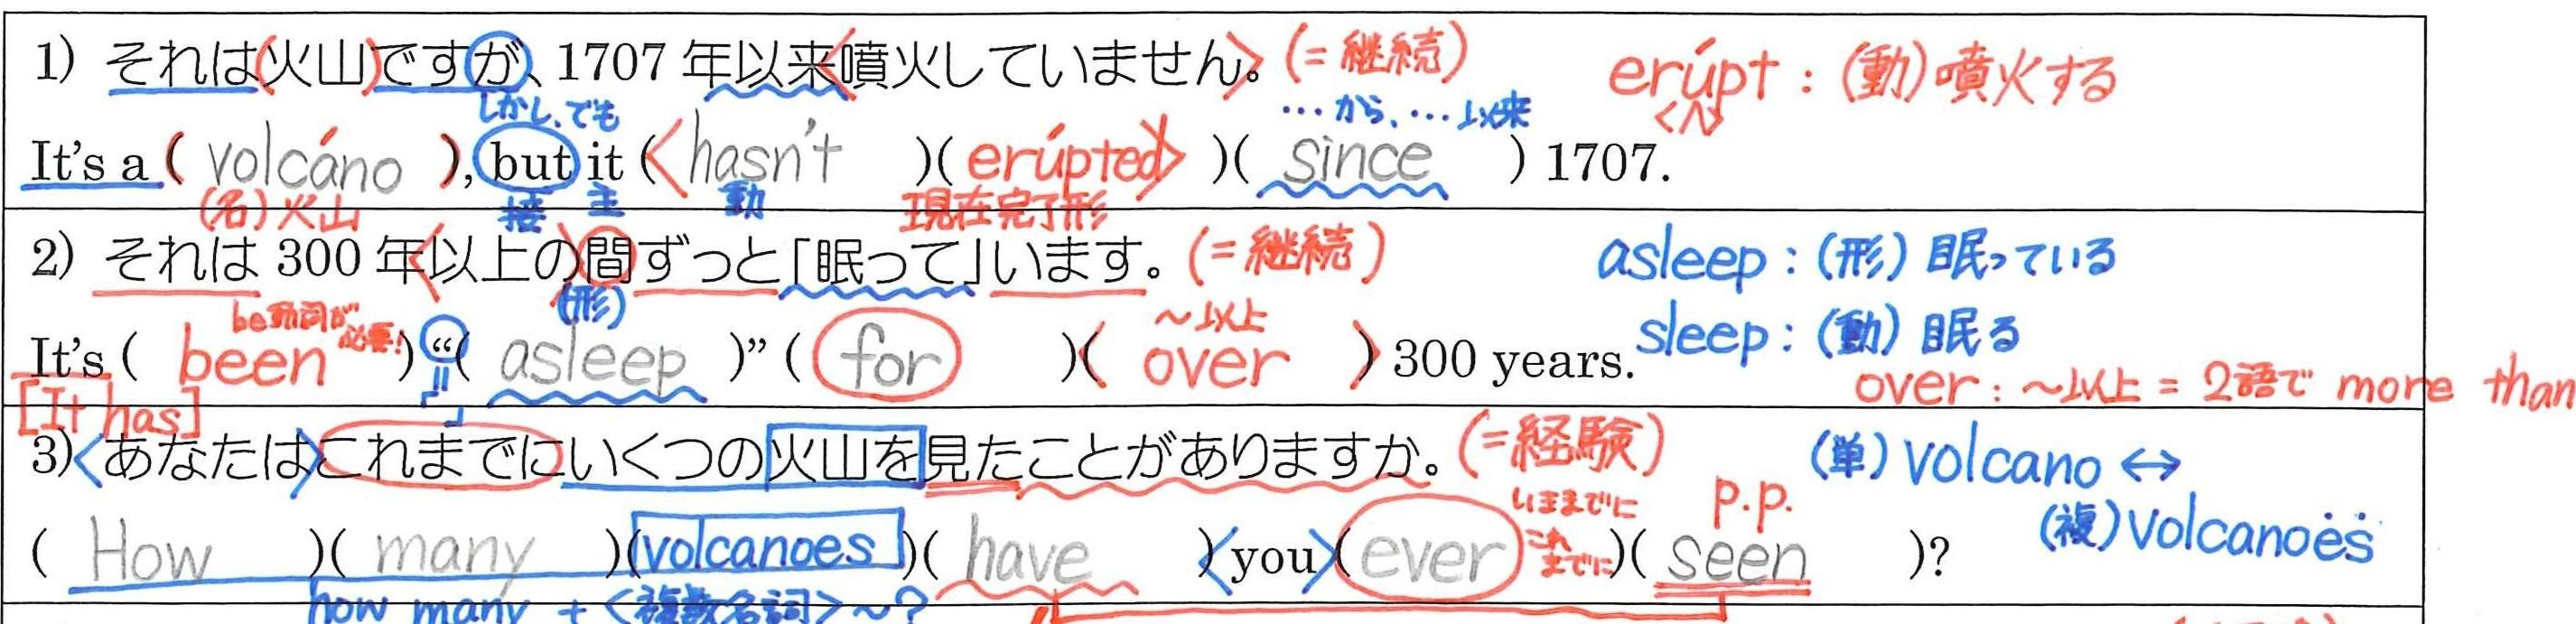 公立高校入試のための英語学習―Aさんが3年間貫徹した英語学習法-_d0116009_13154938.jpg